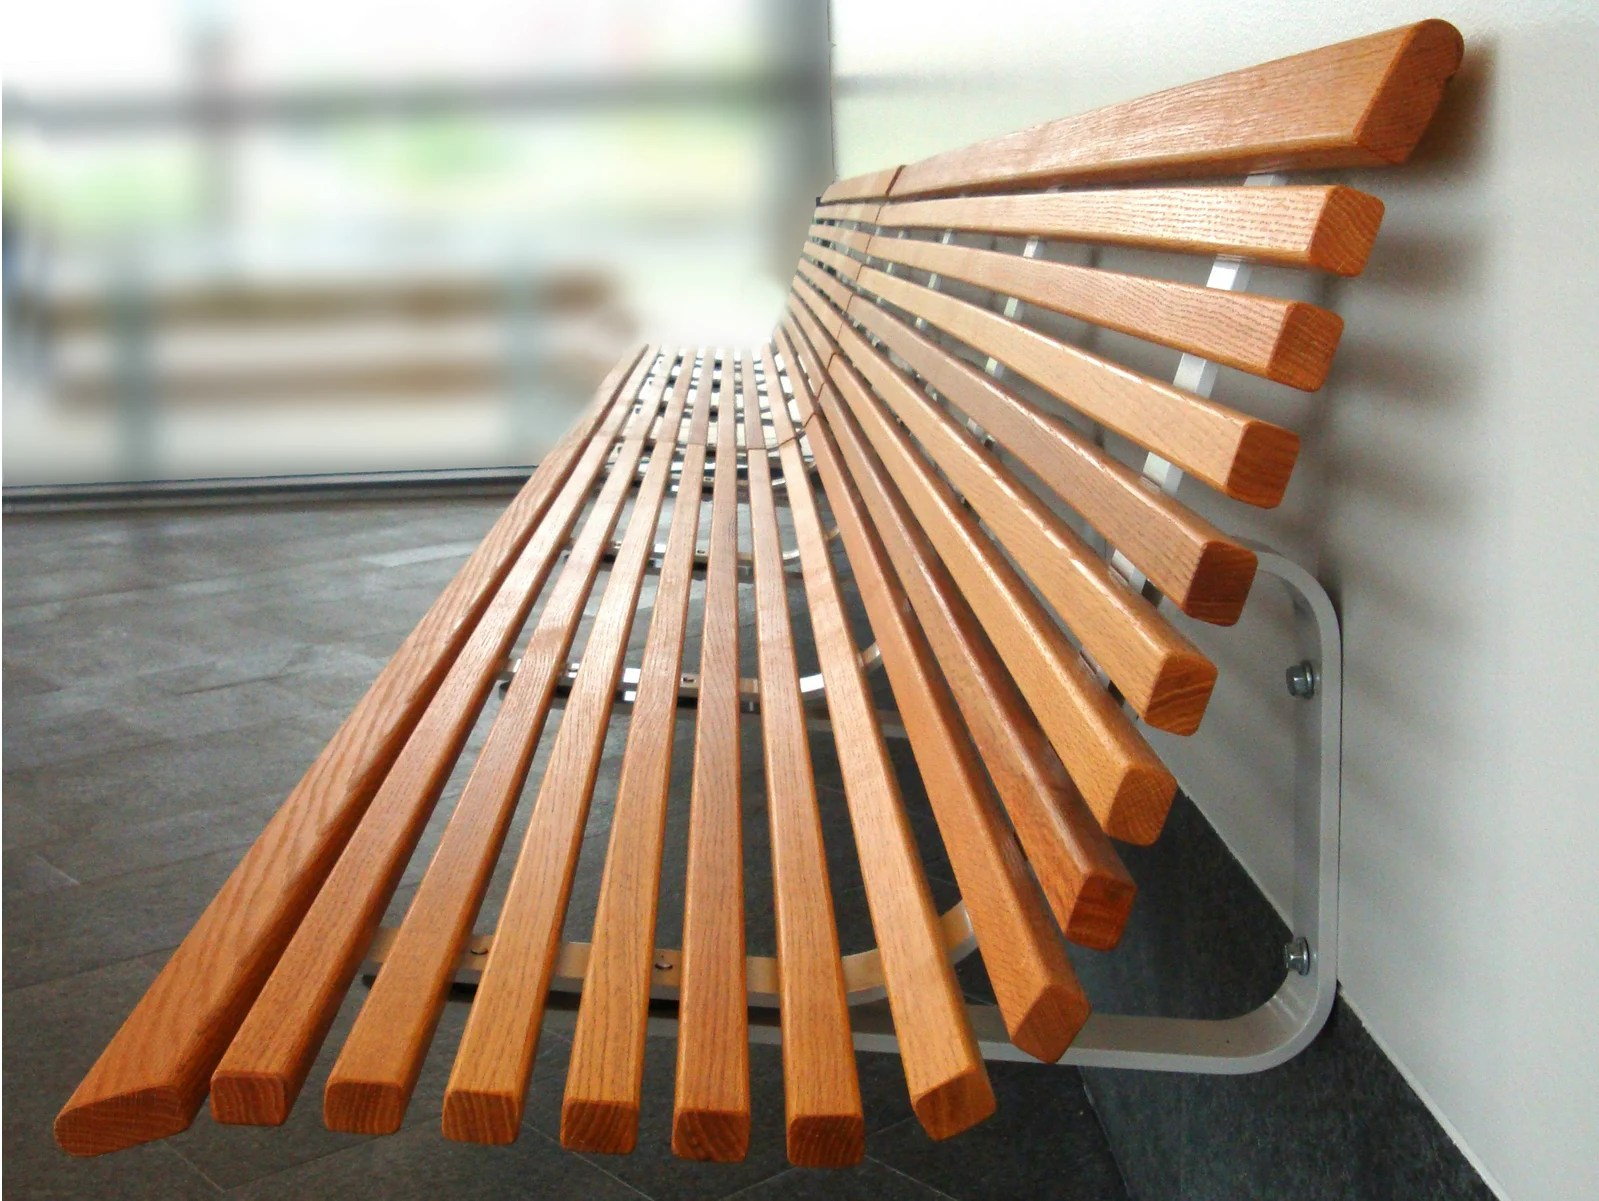 klappbank wandmontage sitzbank 2 meter stunning with. Black Bedroom Furniture Sets. Home Design Ideas